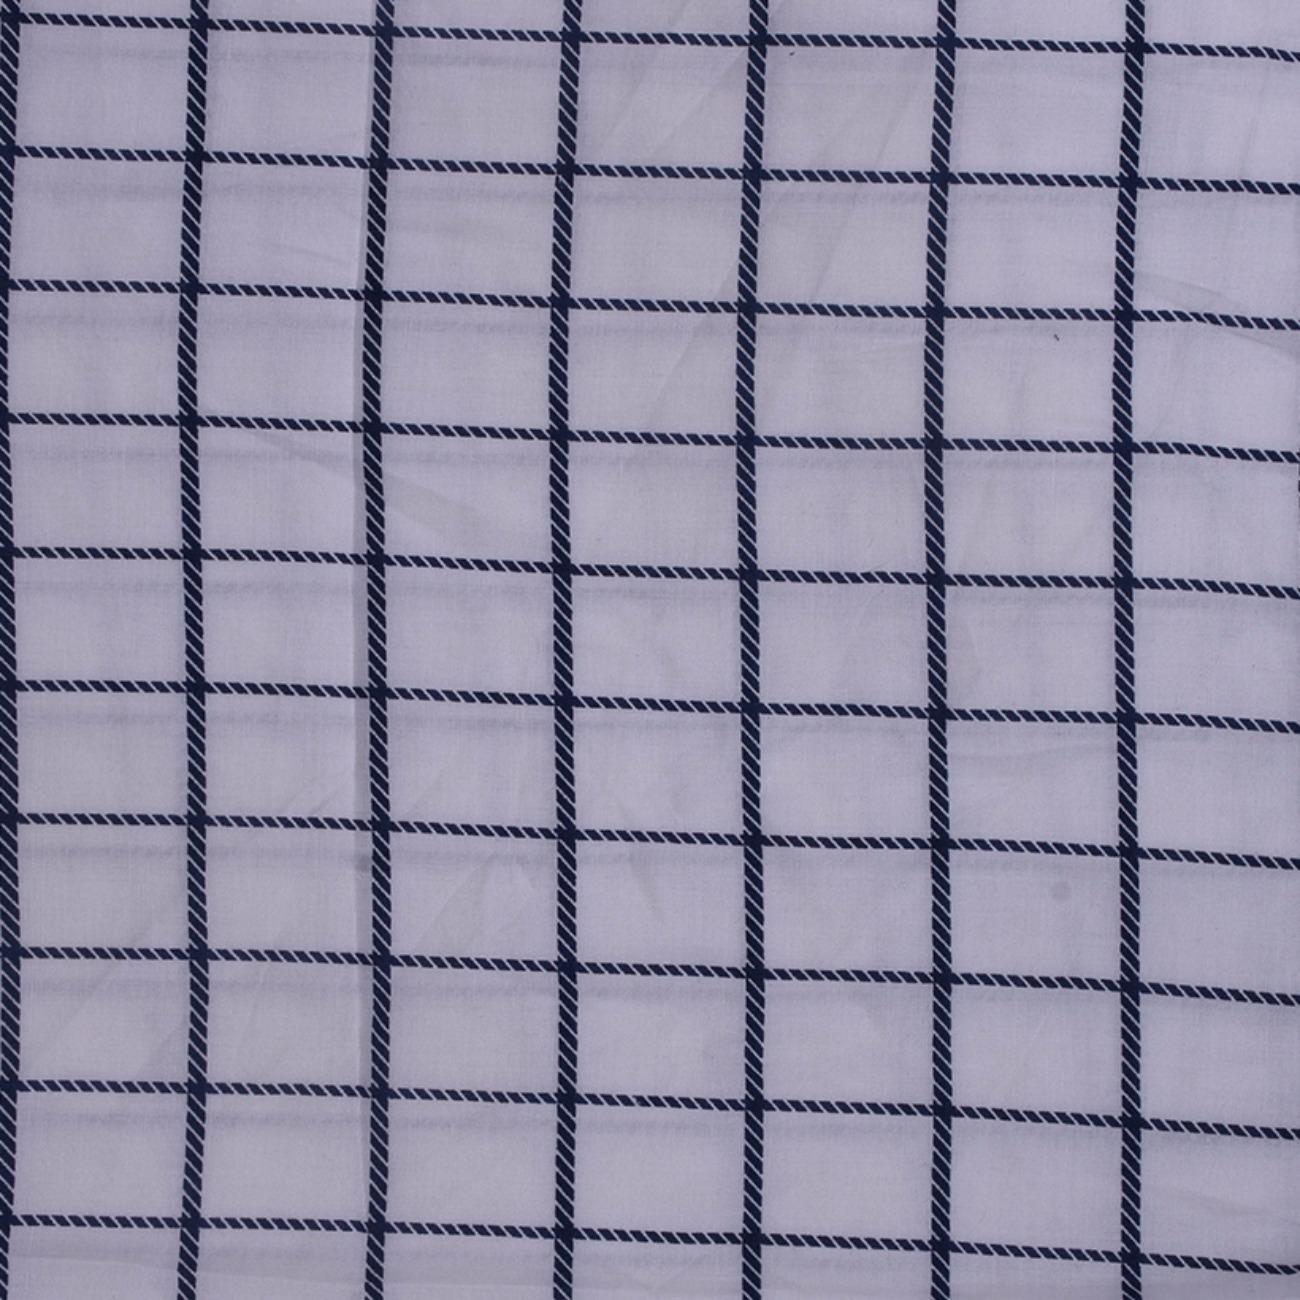 人棉期货格子梭织印花无弹衬衫连衣裙 短裙 薄 棉感 70522-35